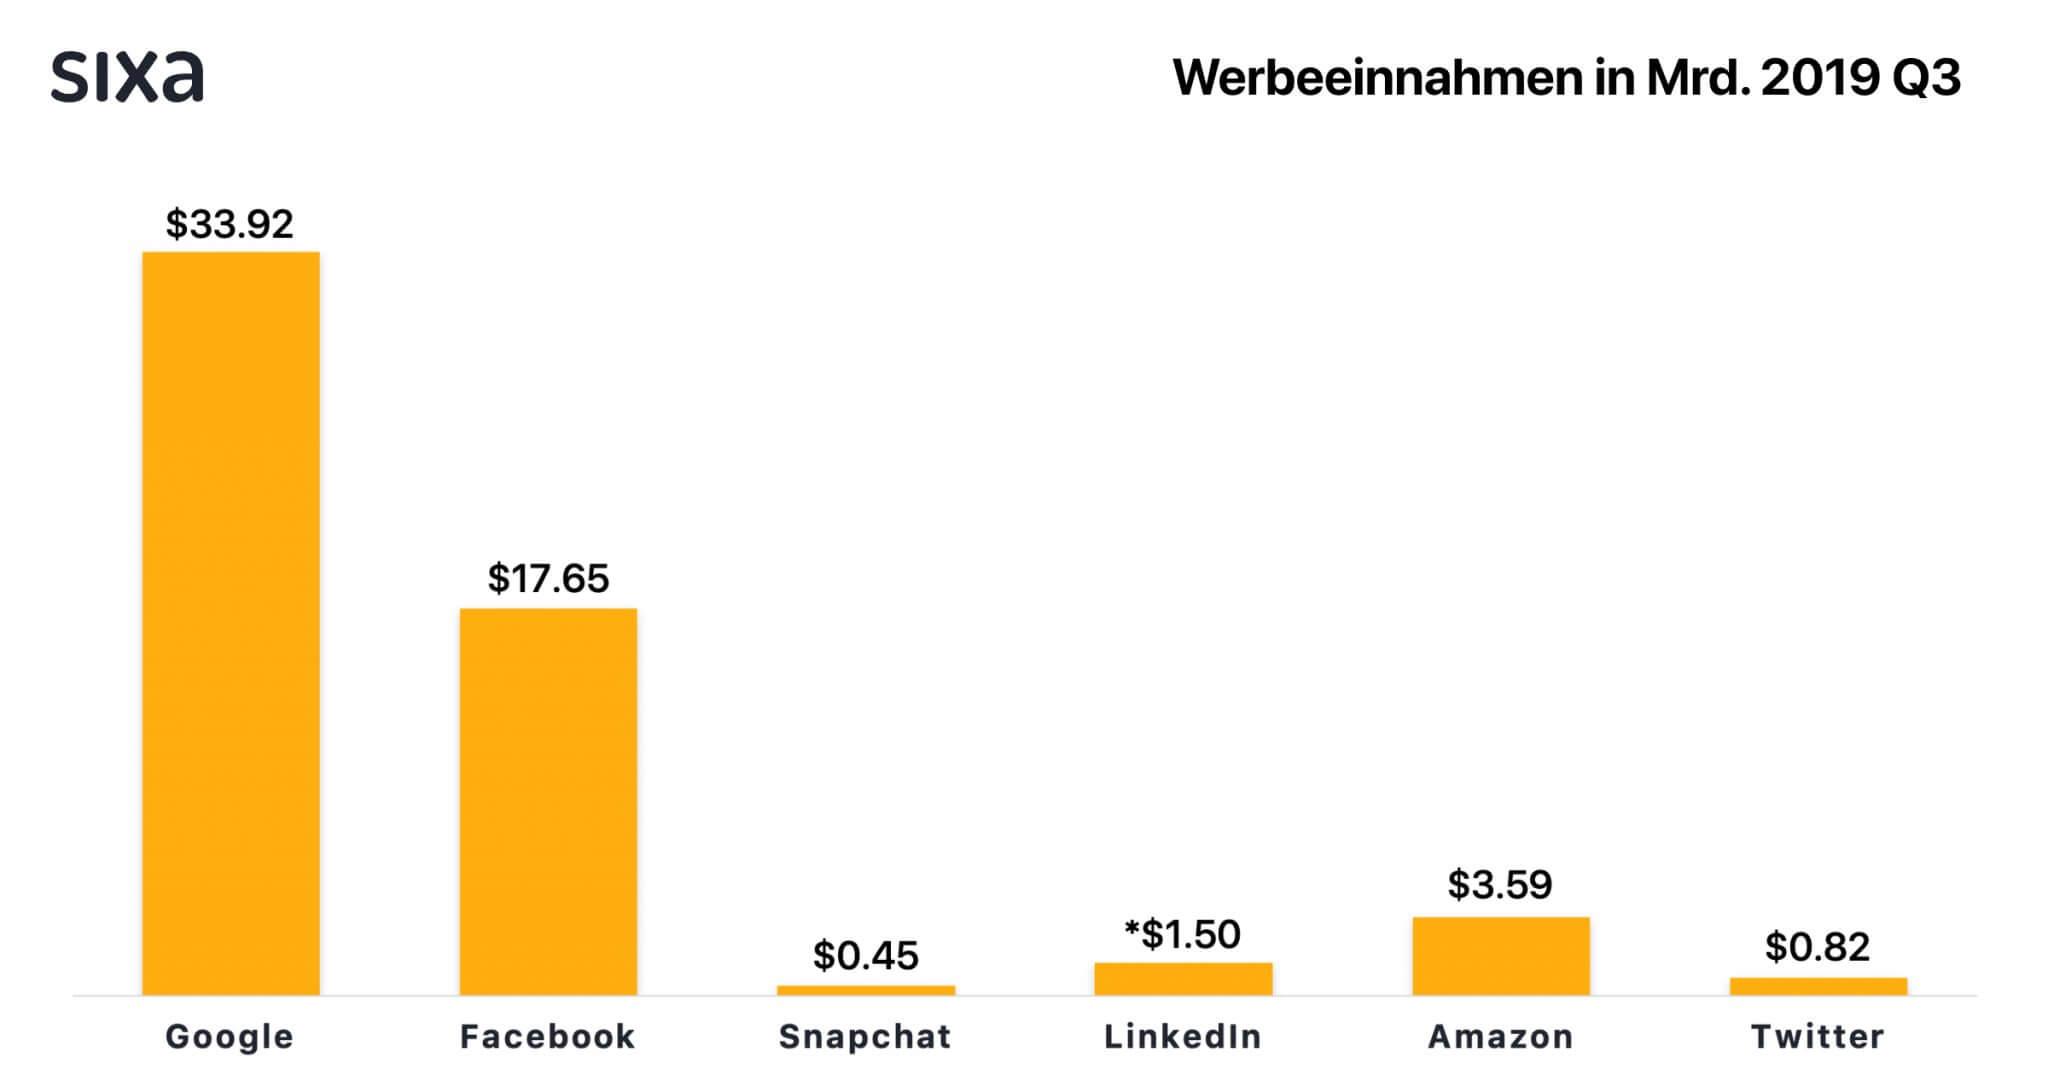 Vergleich von Werbeeinnahmen von Google, Facebook, Snapchat, LinkedIn, Amazon und Twitter.